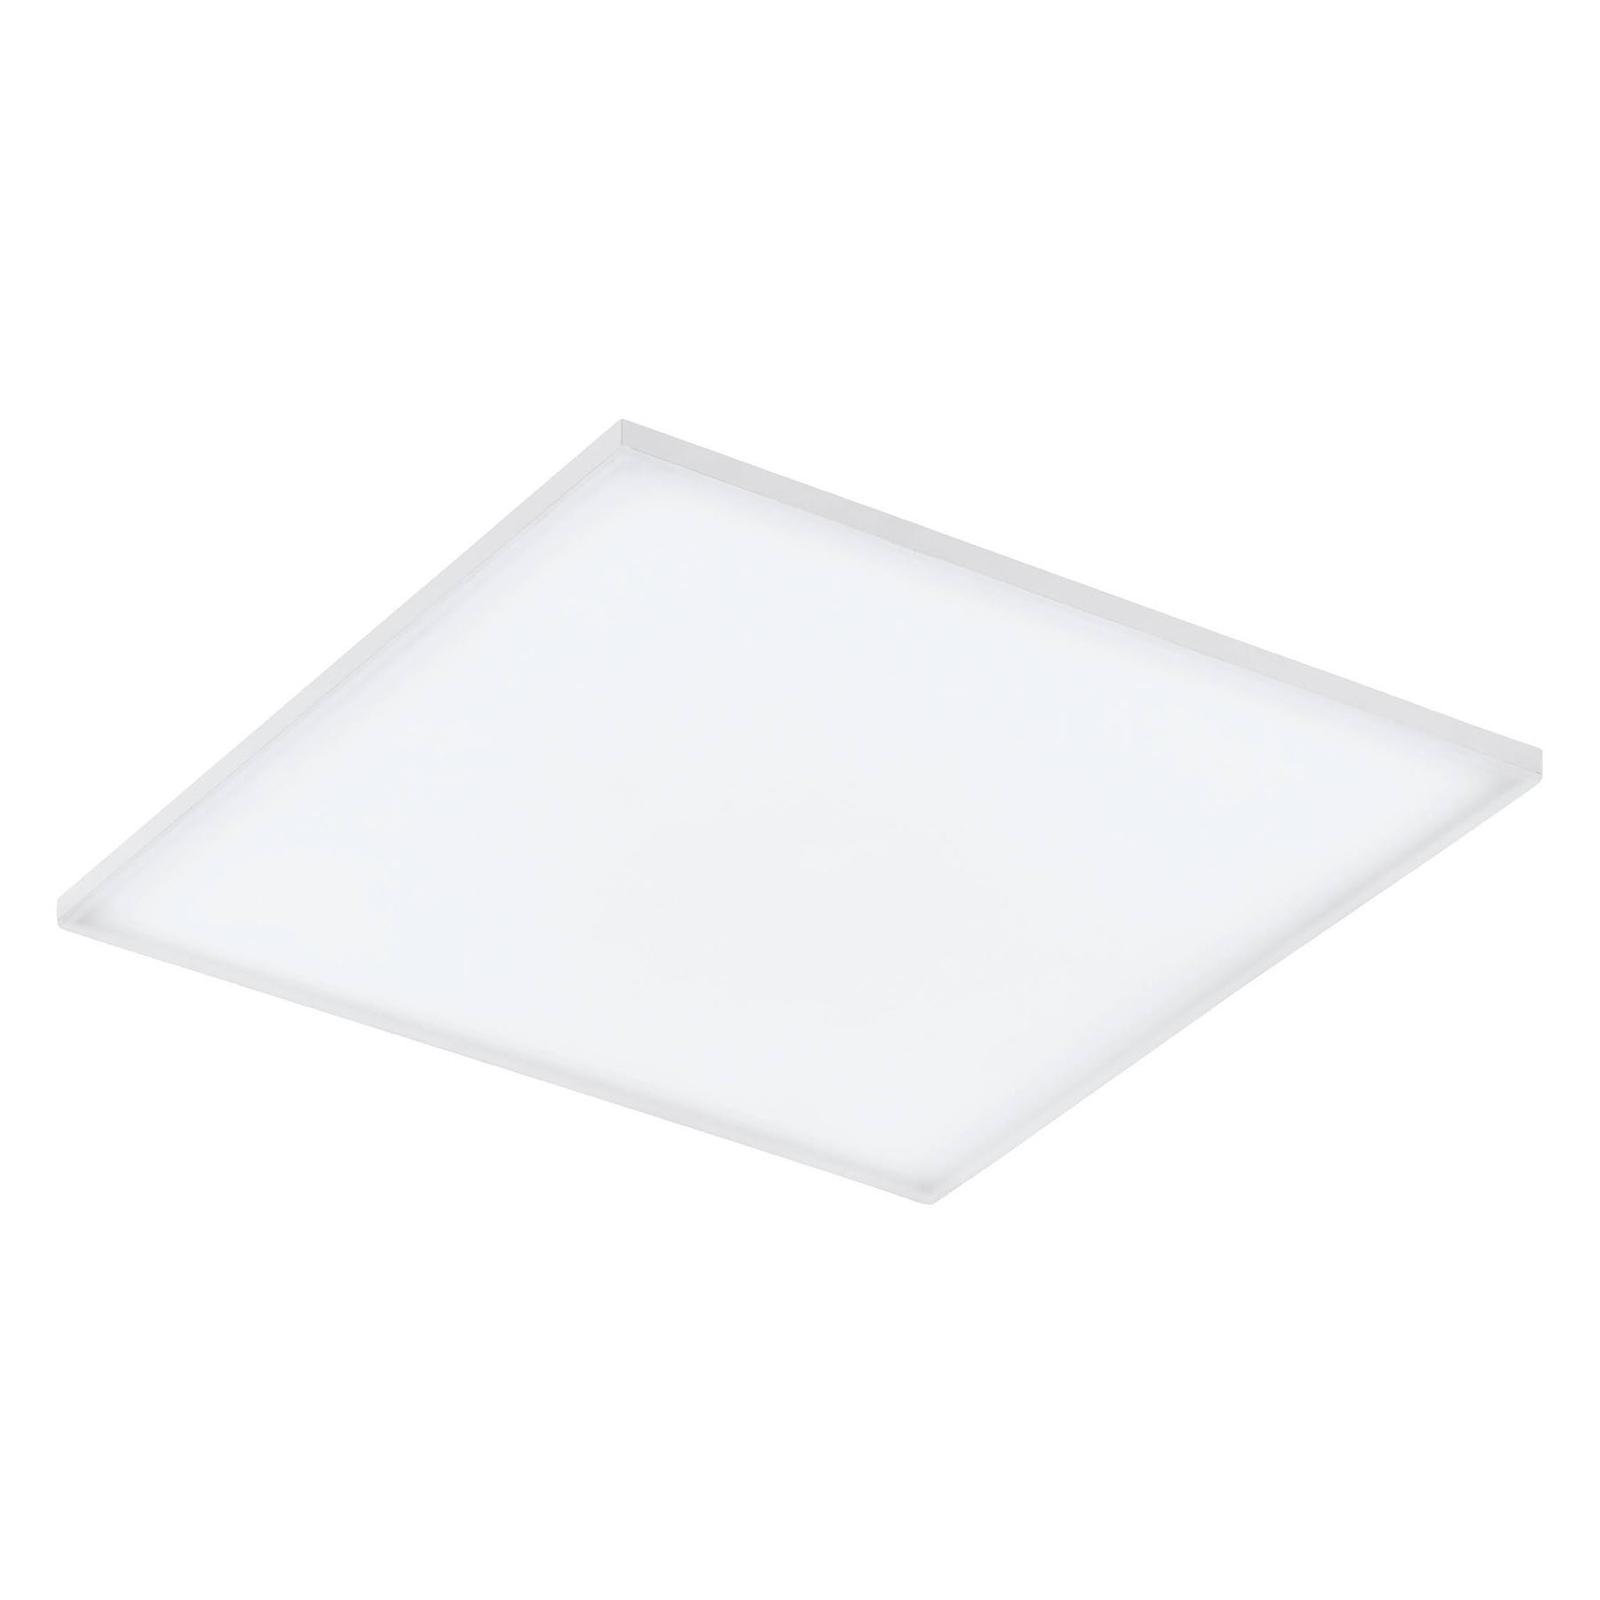 EGLO connect Turcona-C LED-taklampe 60x60 cm